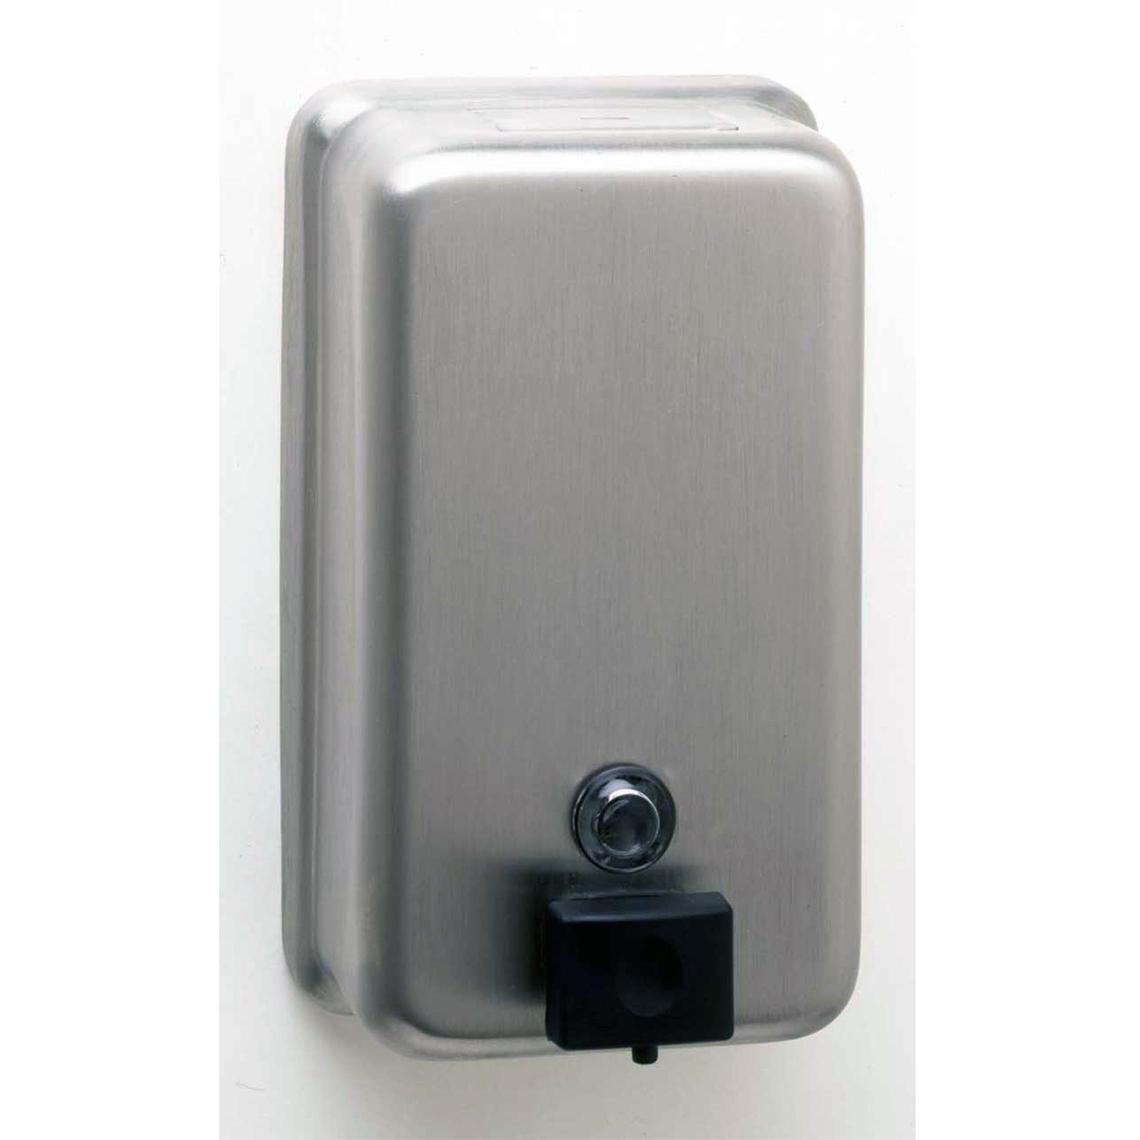 Bobrick Vertical Soap Dispenser